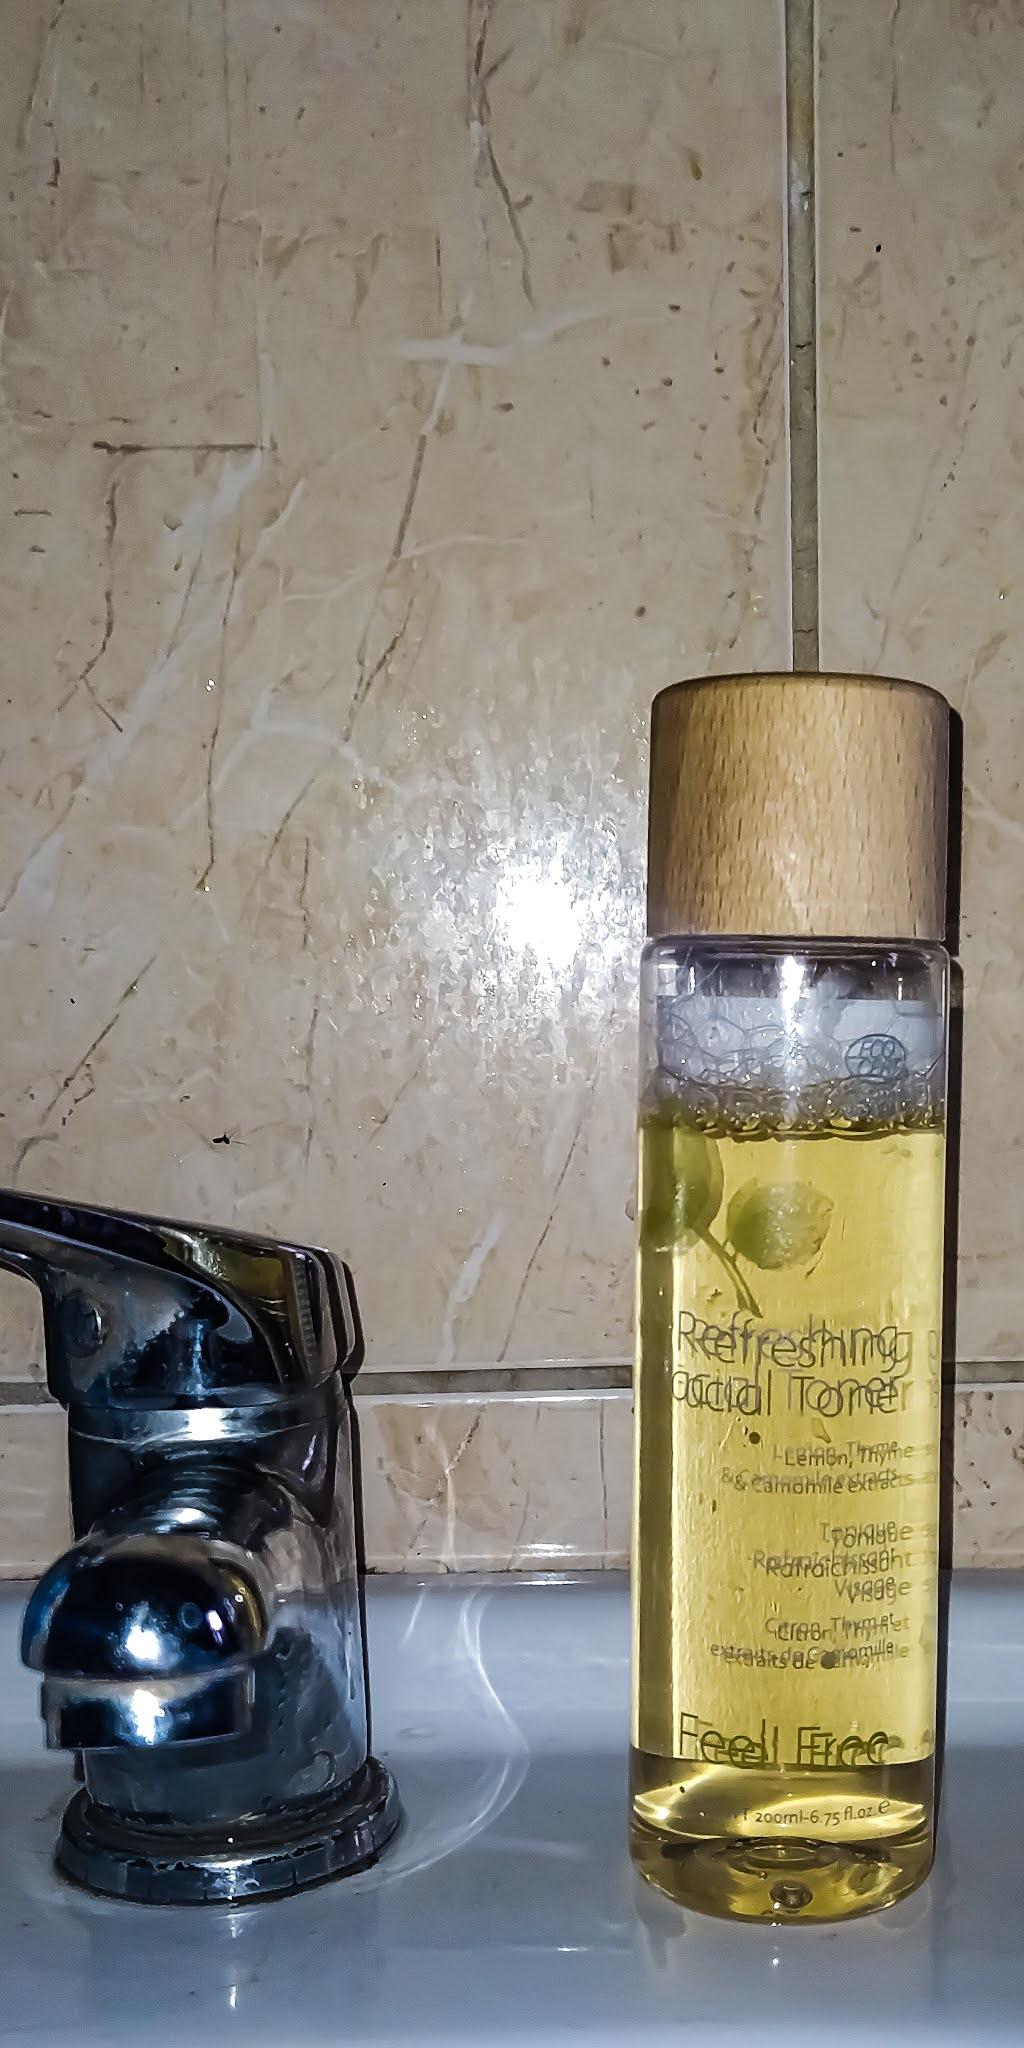 Feel Free Refreshing Facial Toner - naturalny tonik do twarzy. Skład, odczucia, zalety